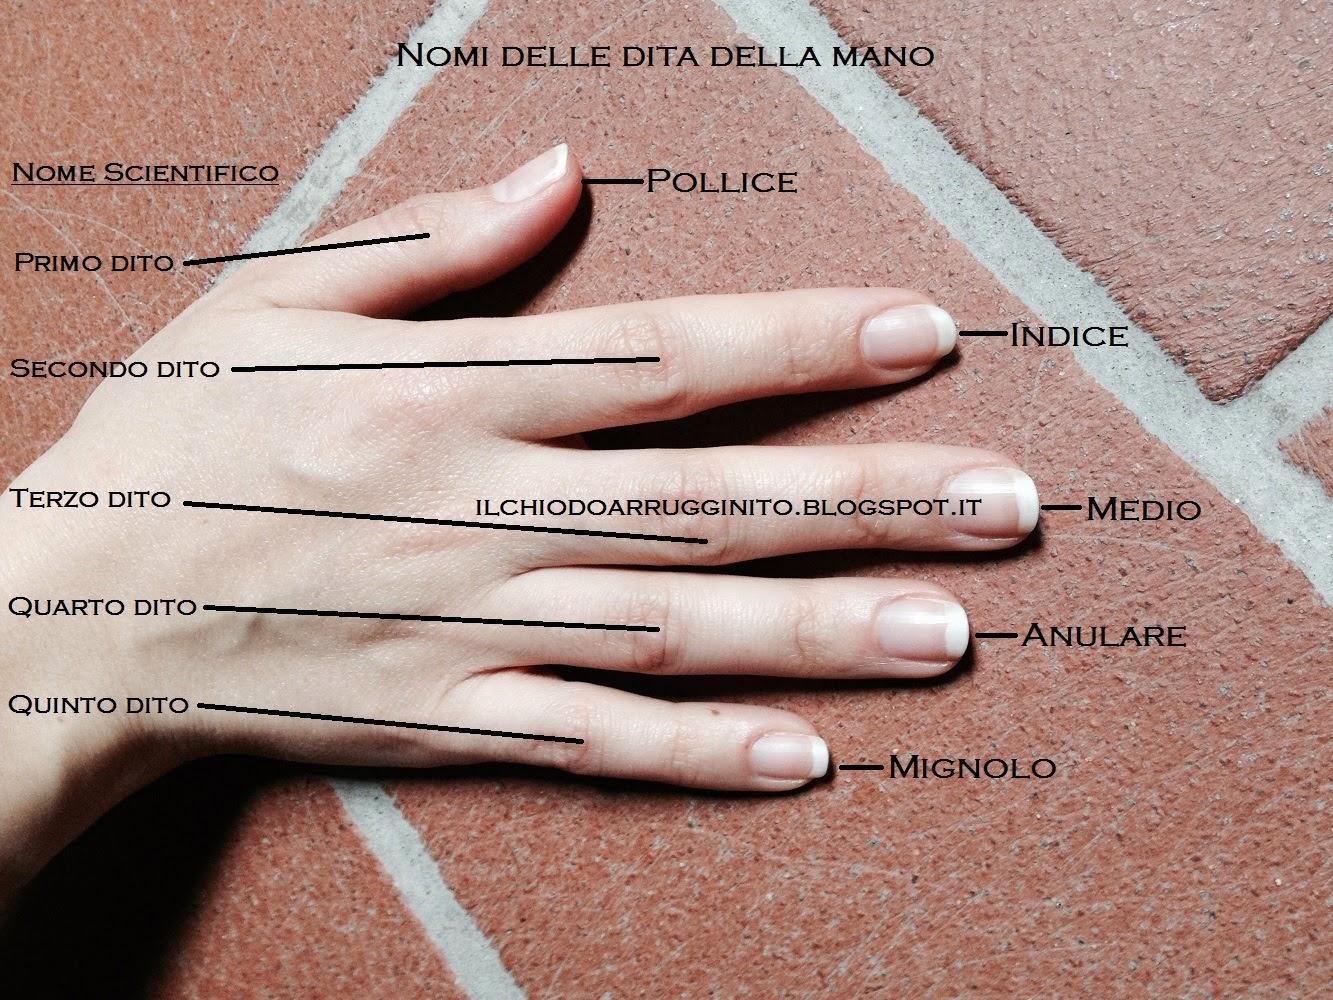 Quali sono i nomi delle dita della mano?